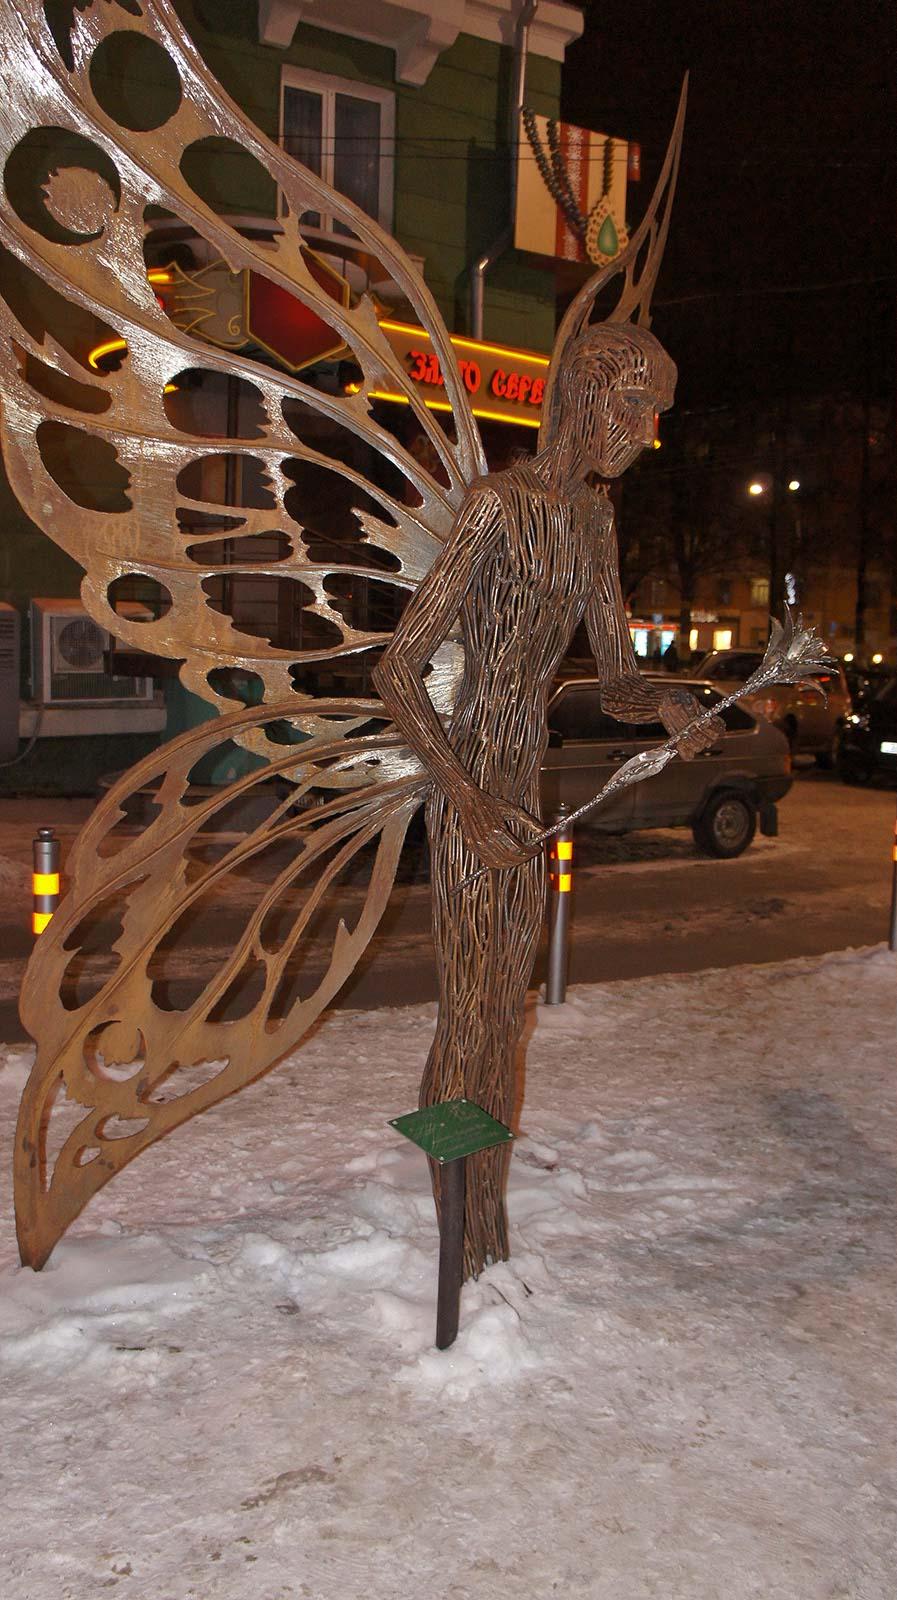 Фото №90383. Скульптура ''Мотылек''. Скульптор, Карлис Иле, г. Рига, Латвия